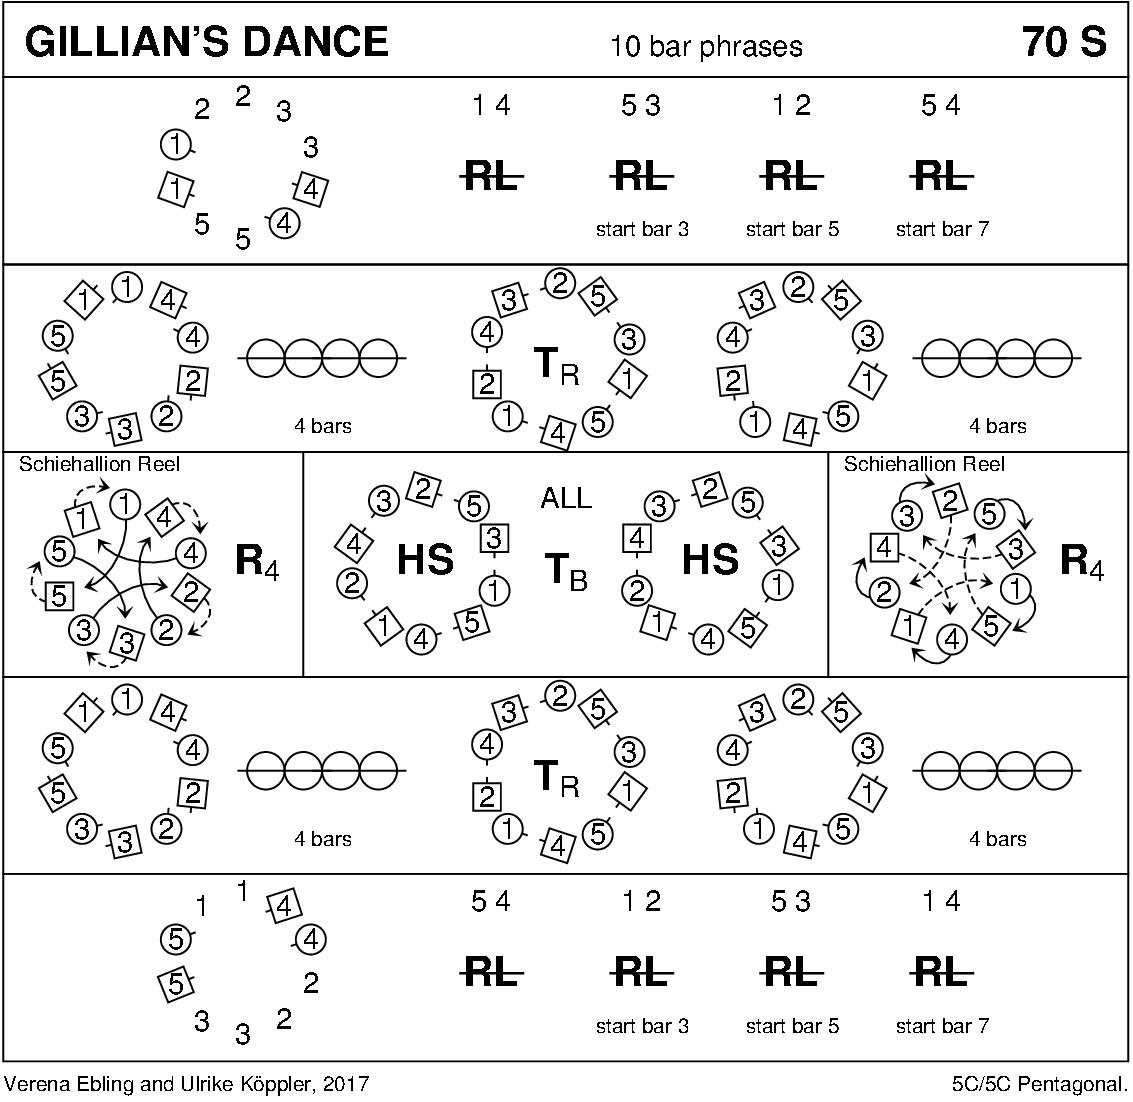 Gillian's Dance Keith Rose's Diagram